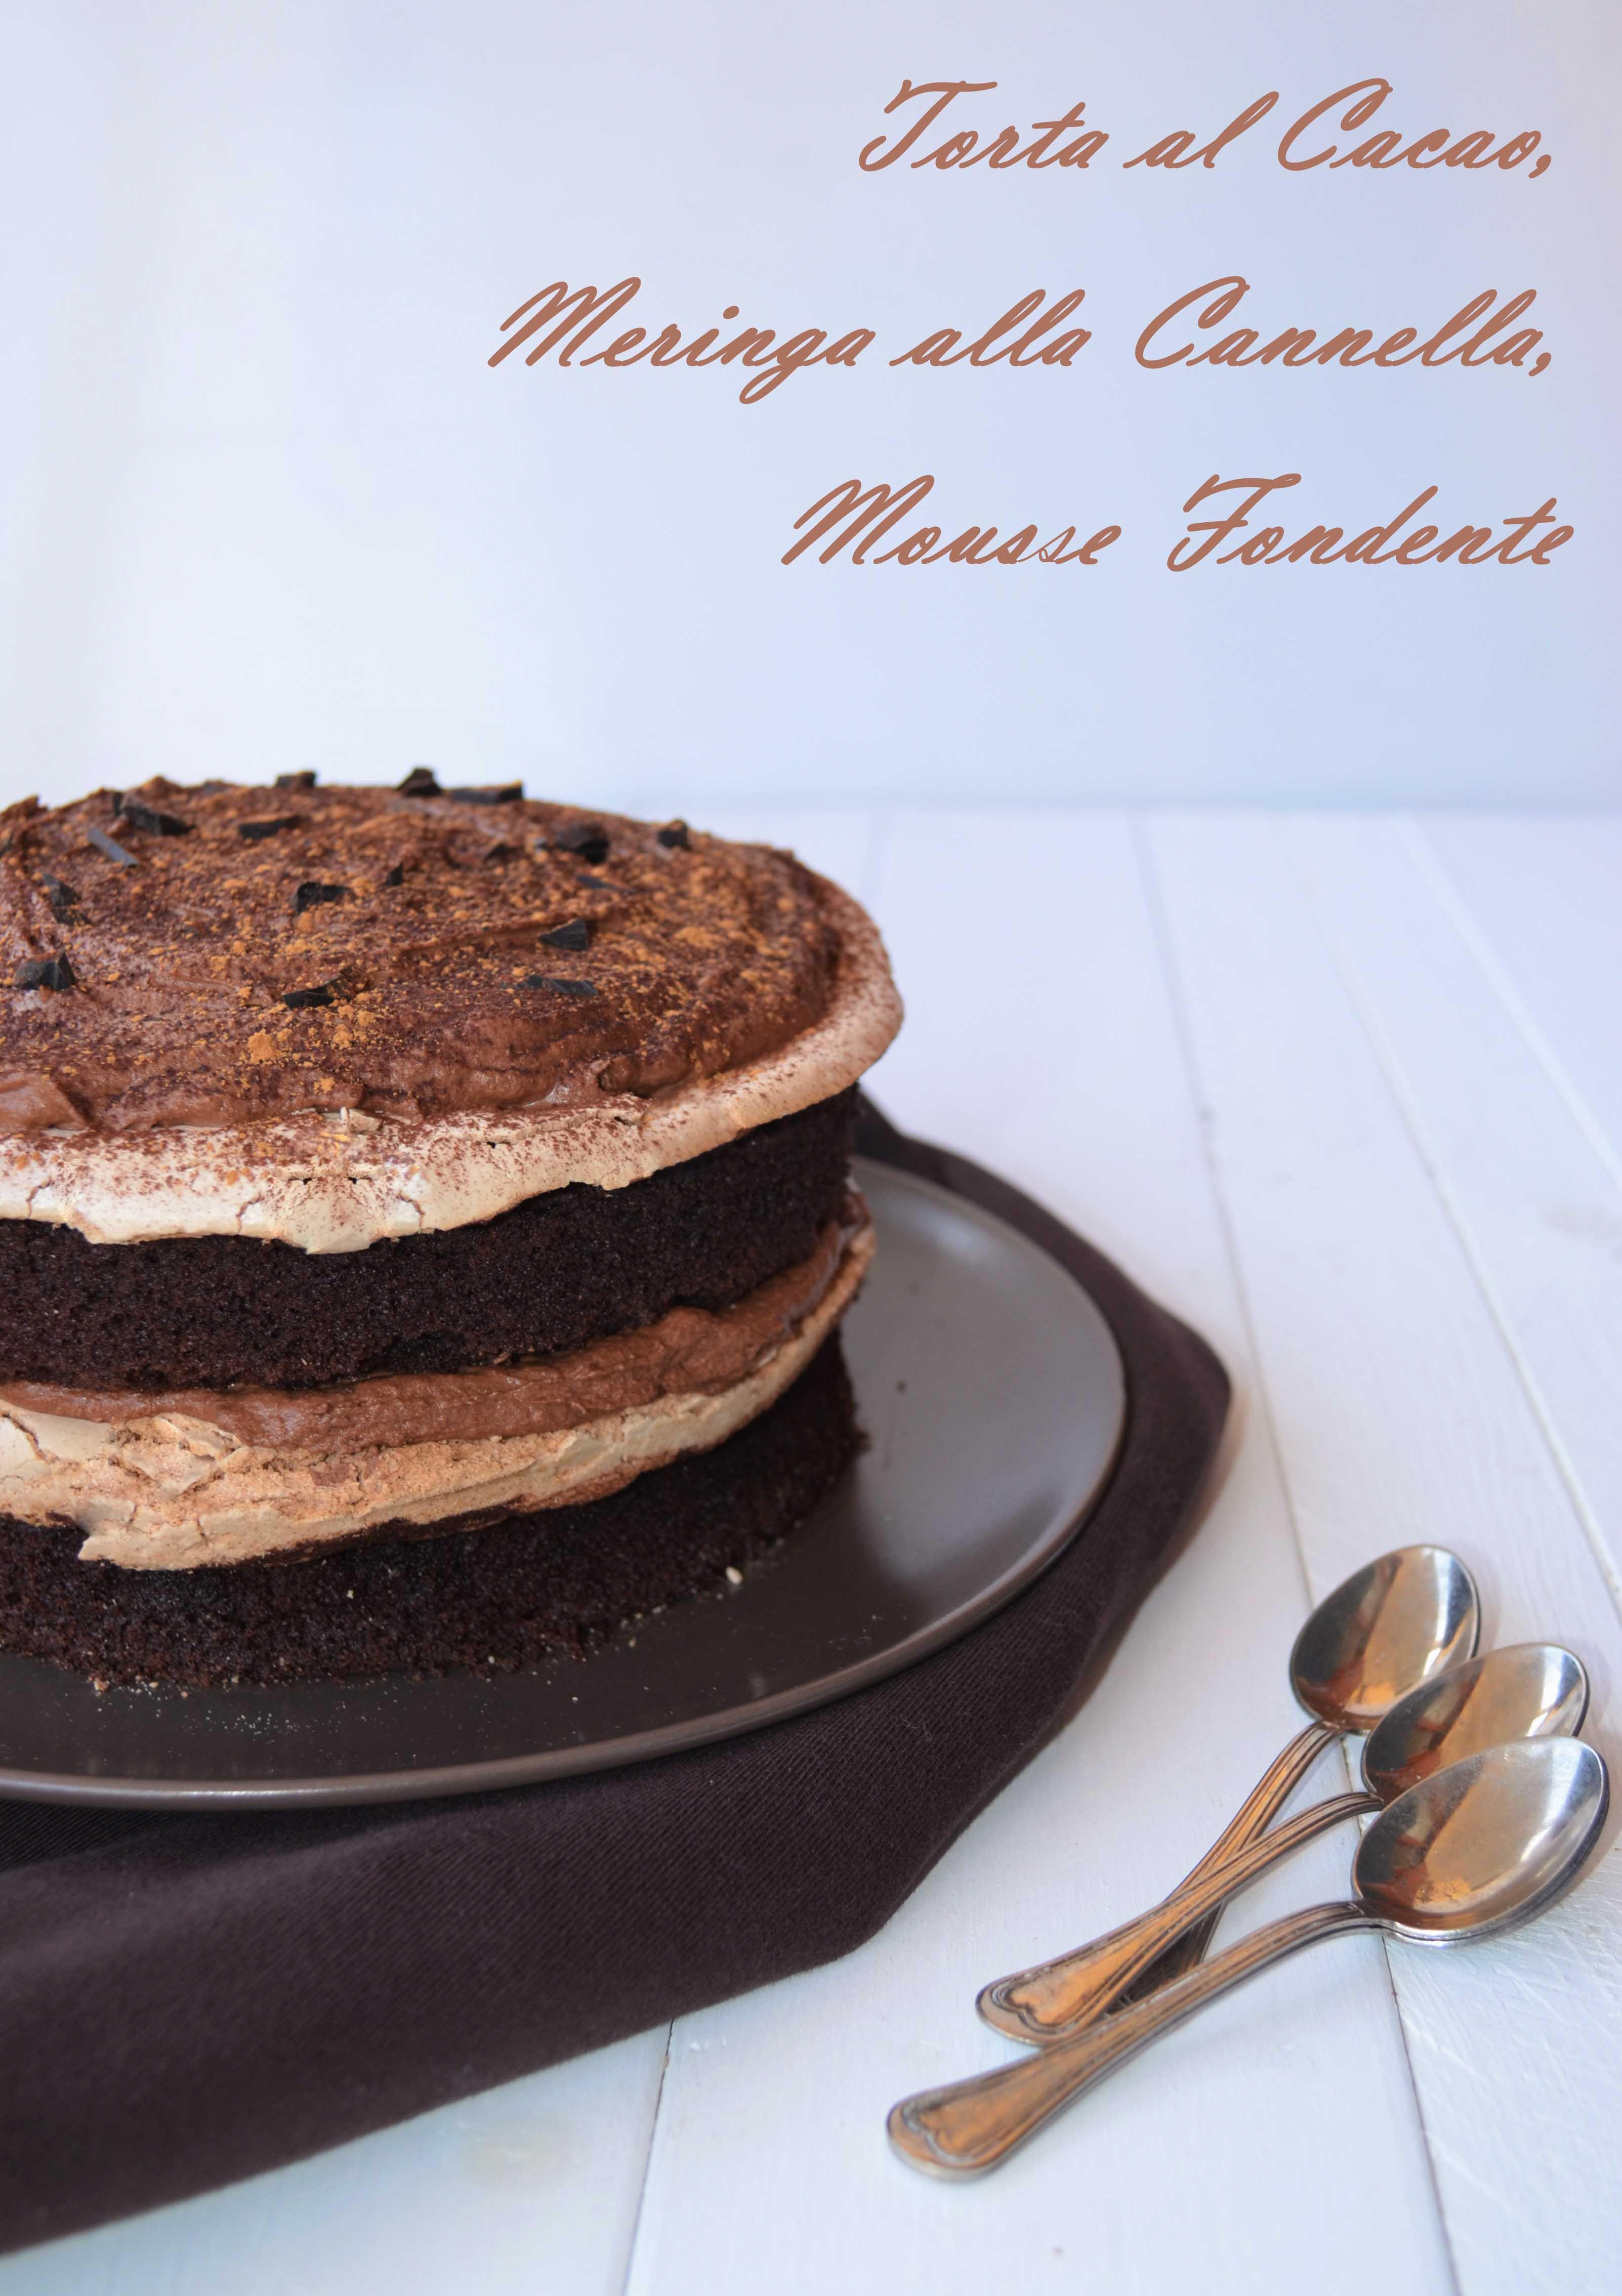 dsc_07215 Torta al Cacao, Meringa alla cannella, Mousse fondente